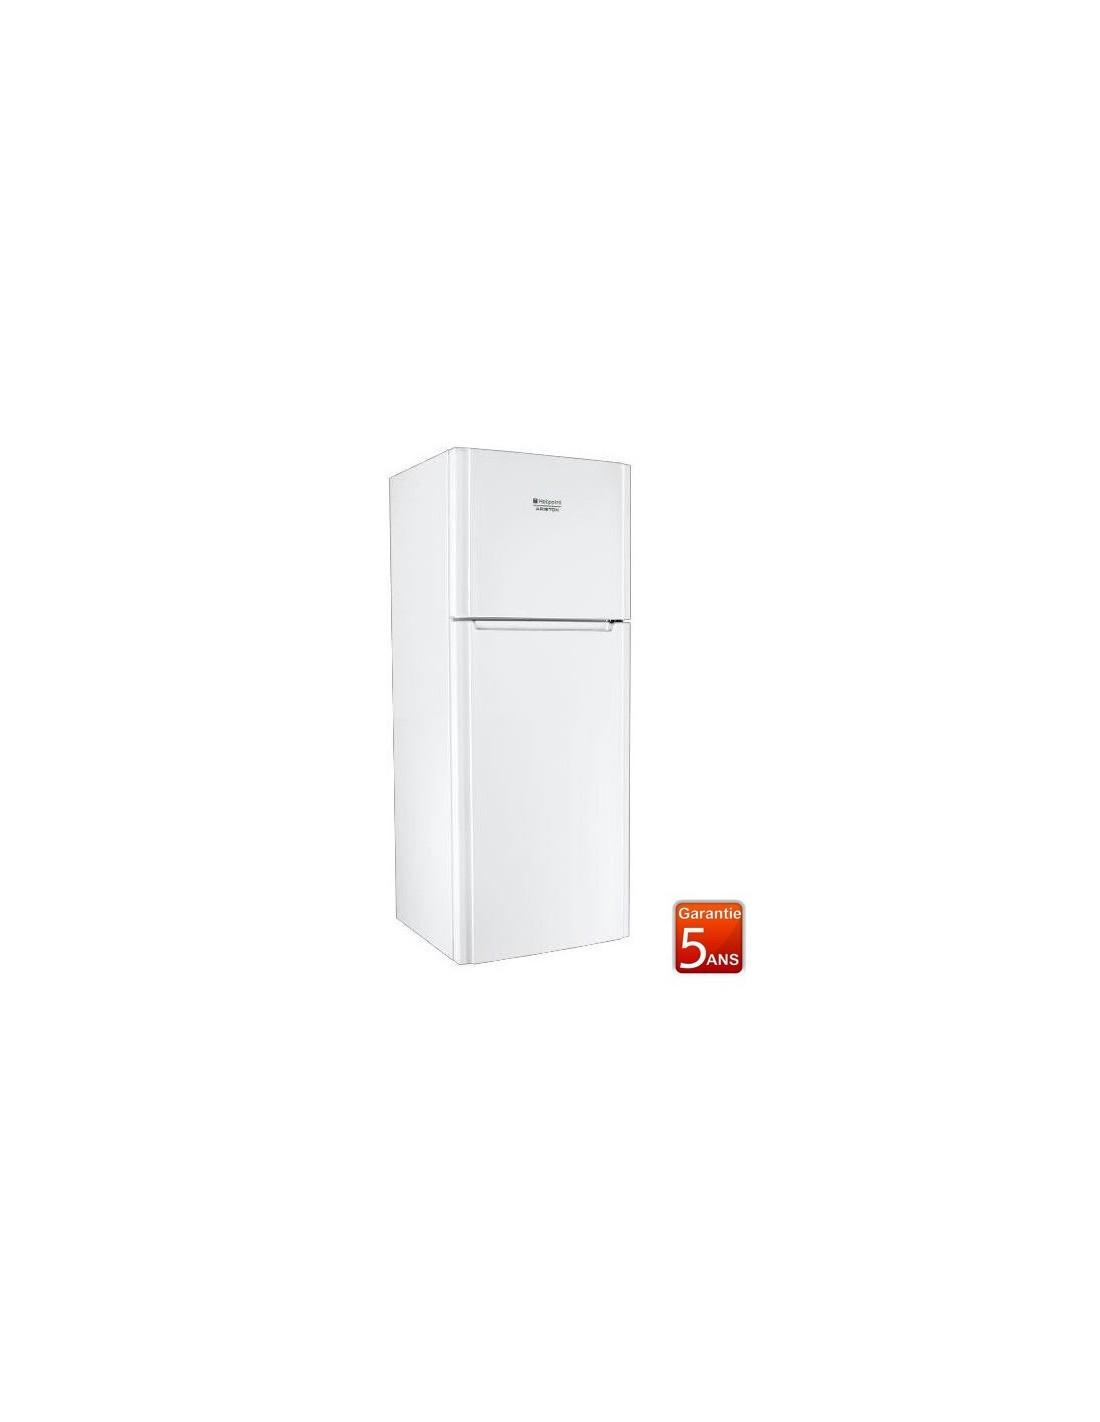 Prix Réfrigérateur Portes ARISTON Litres NO FROST Blanc - Frigo 2 portes